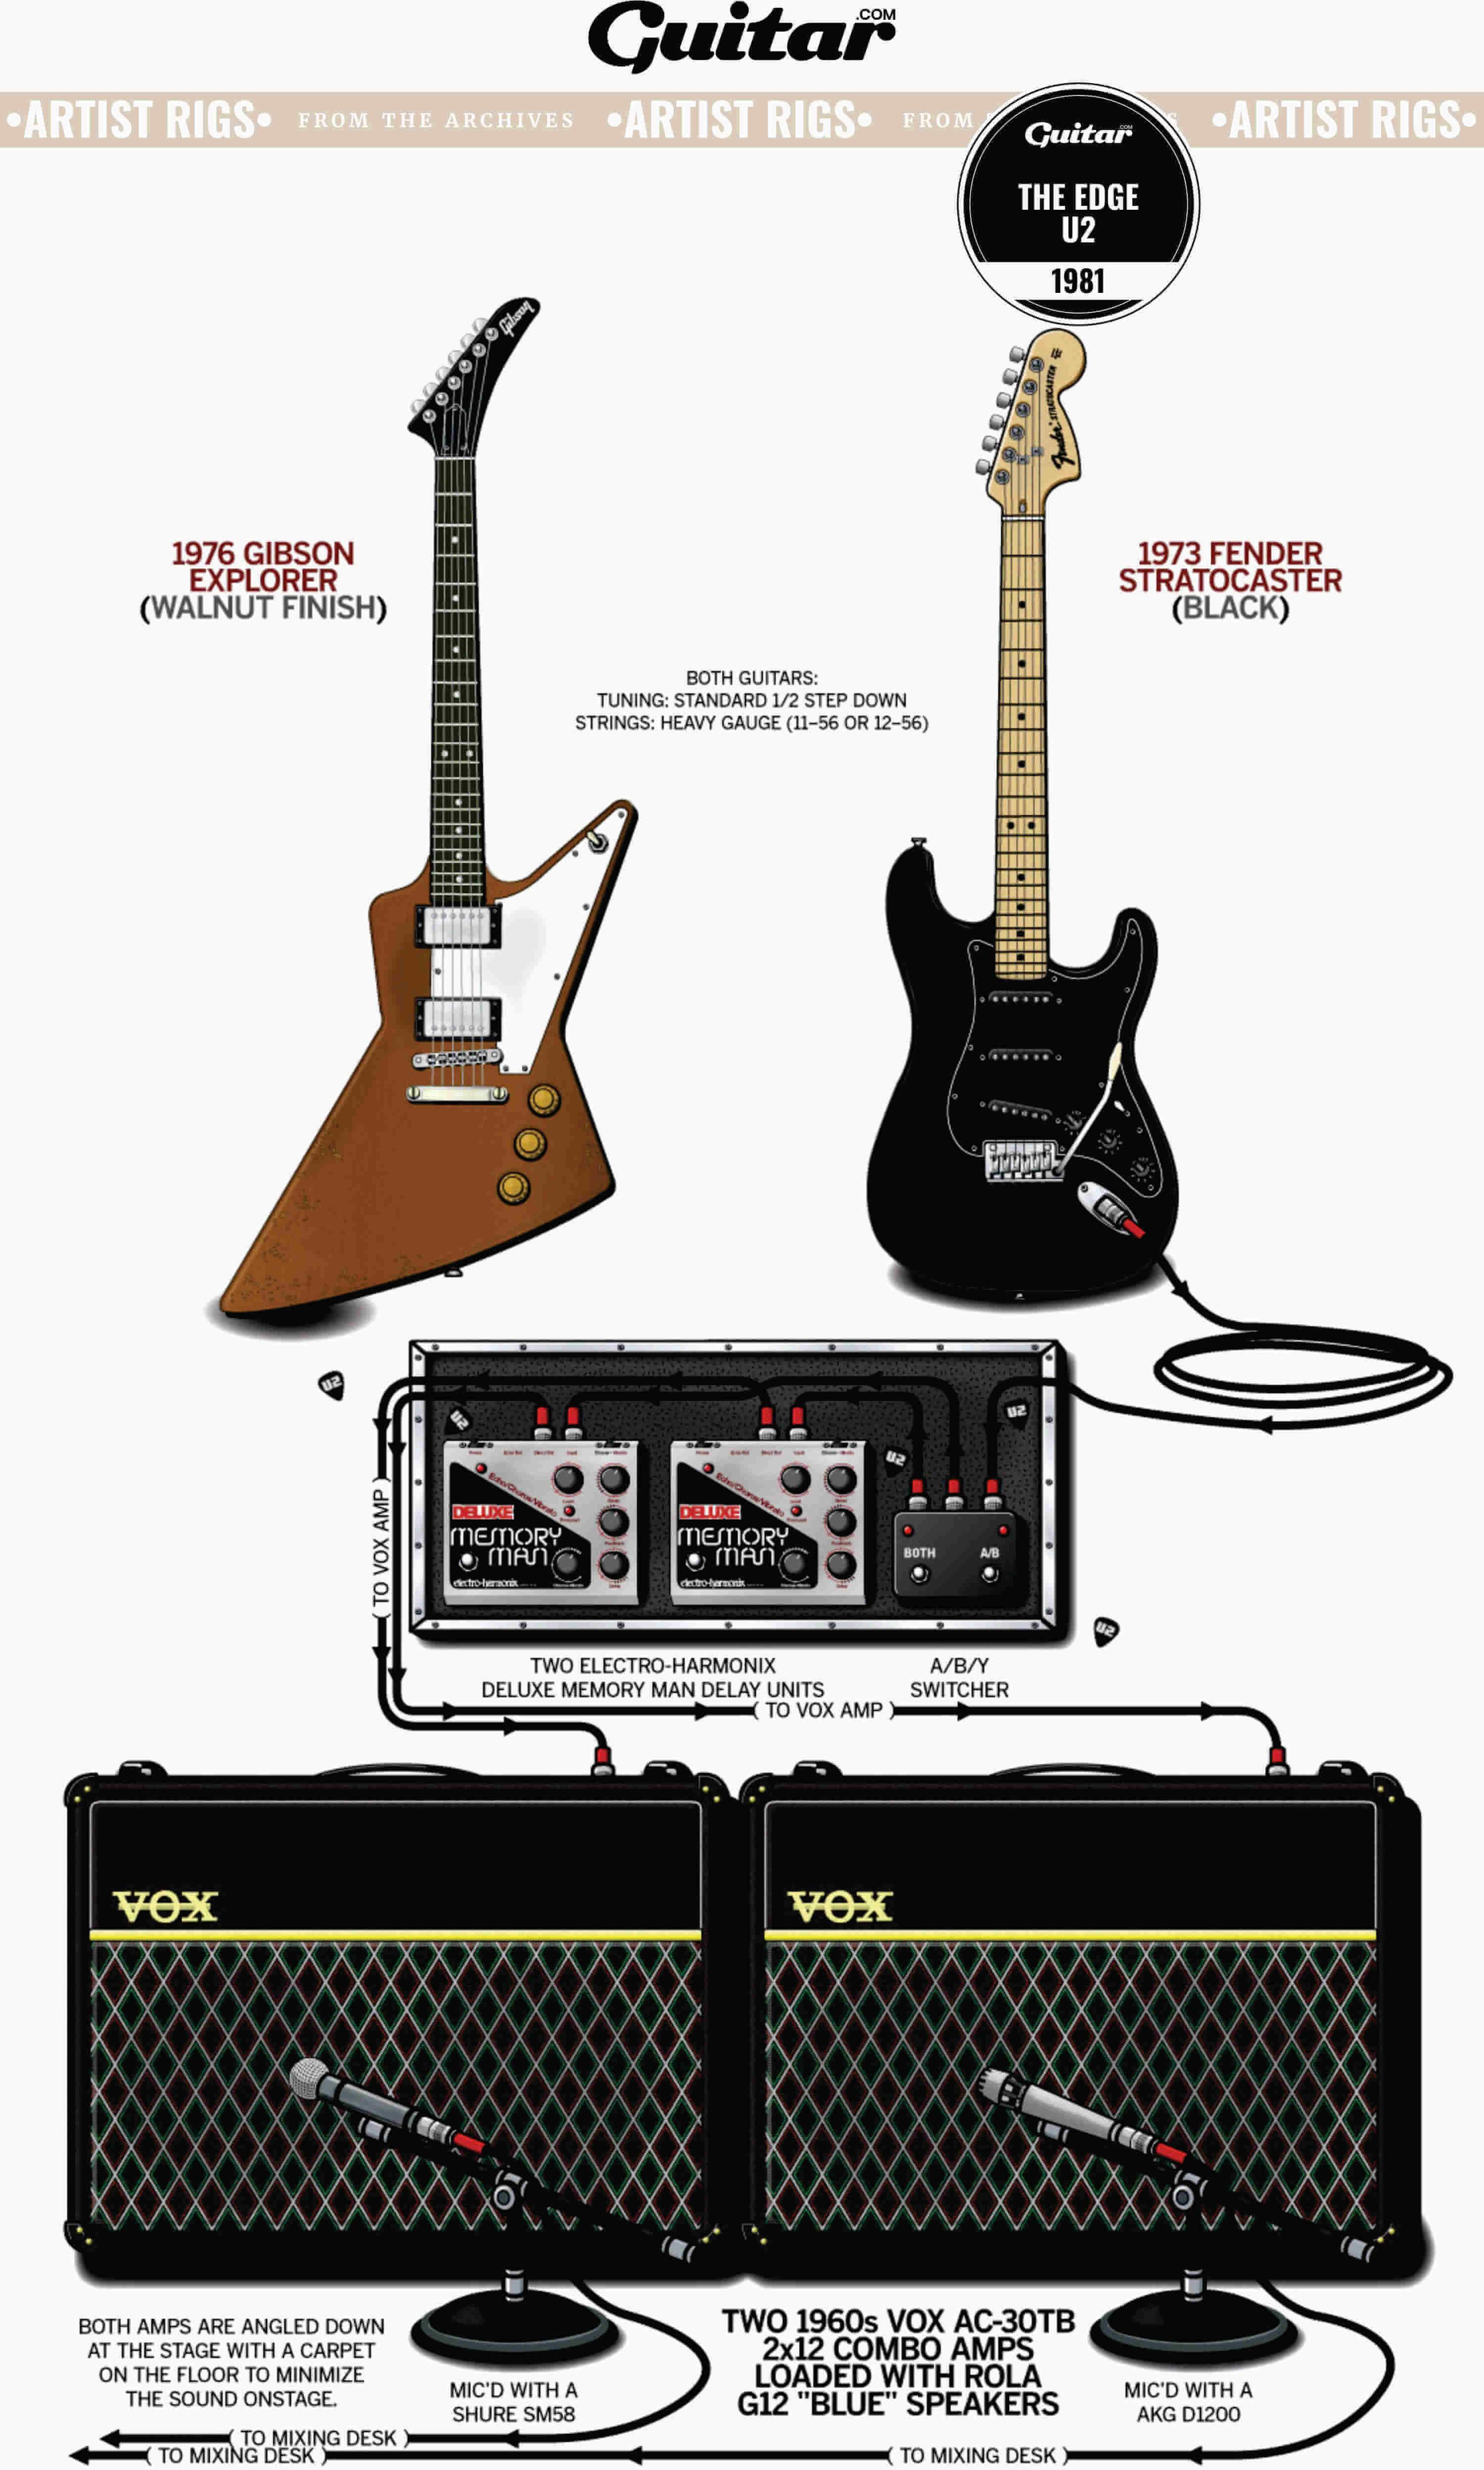 Rig Diagram: The Edge, U2 (1981)